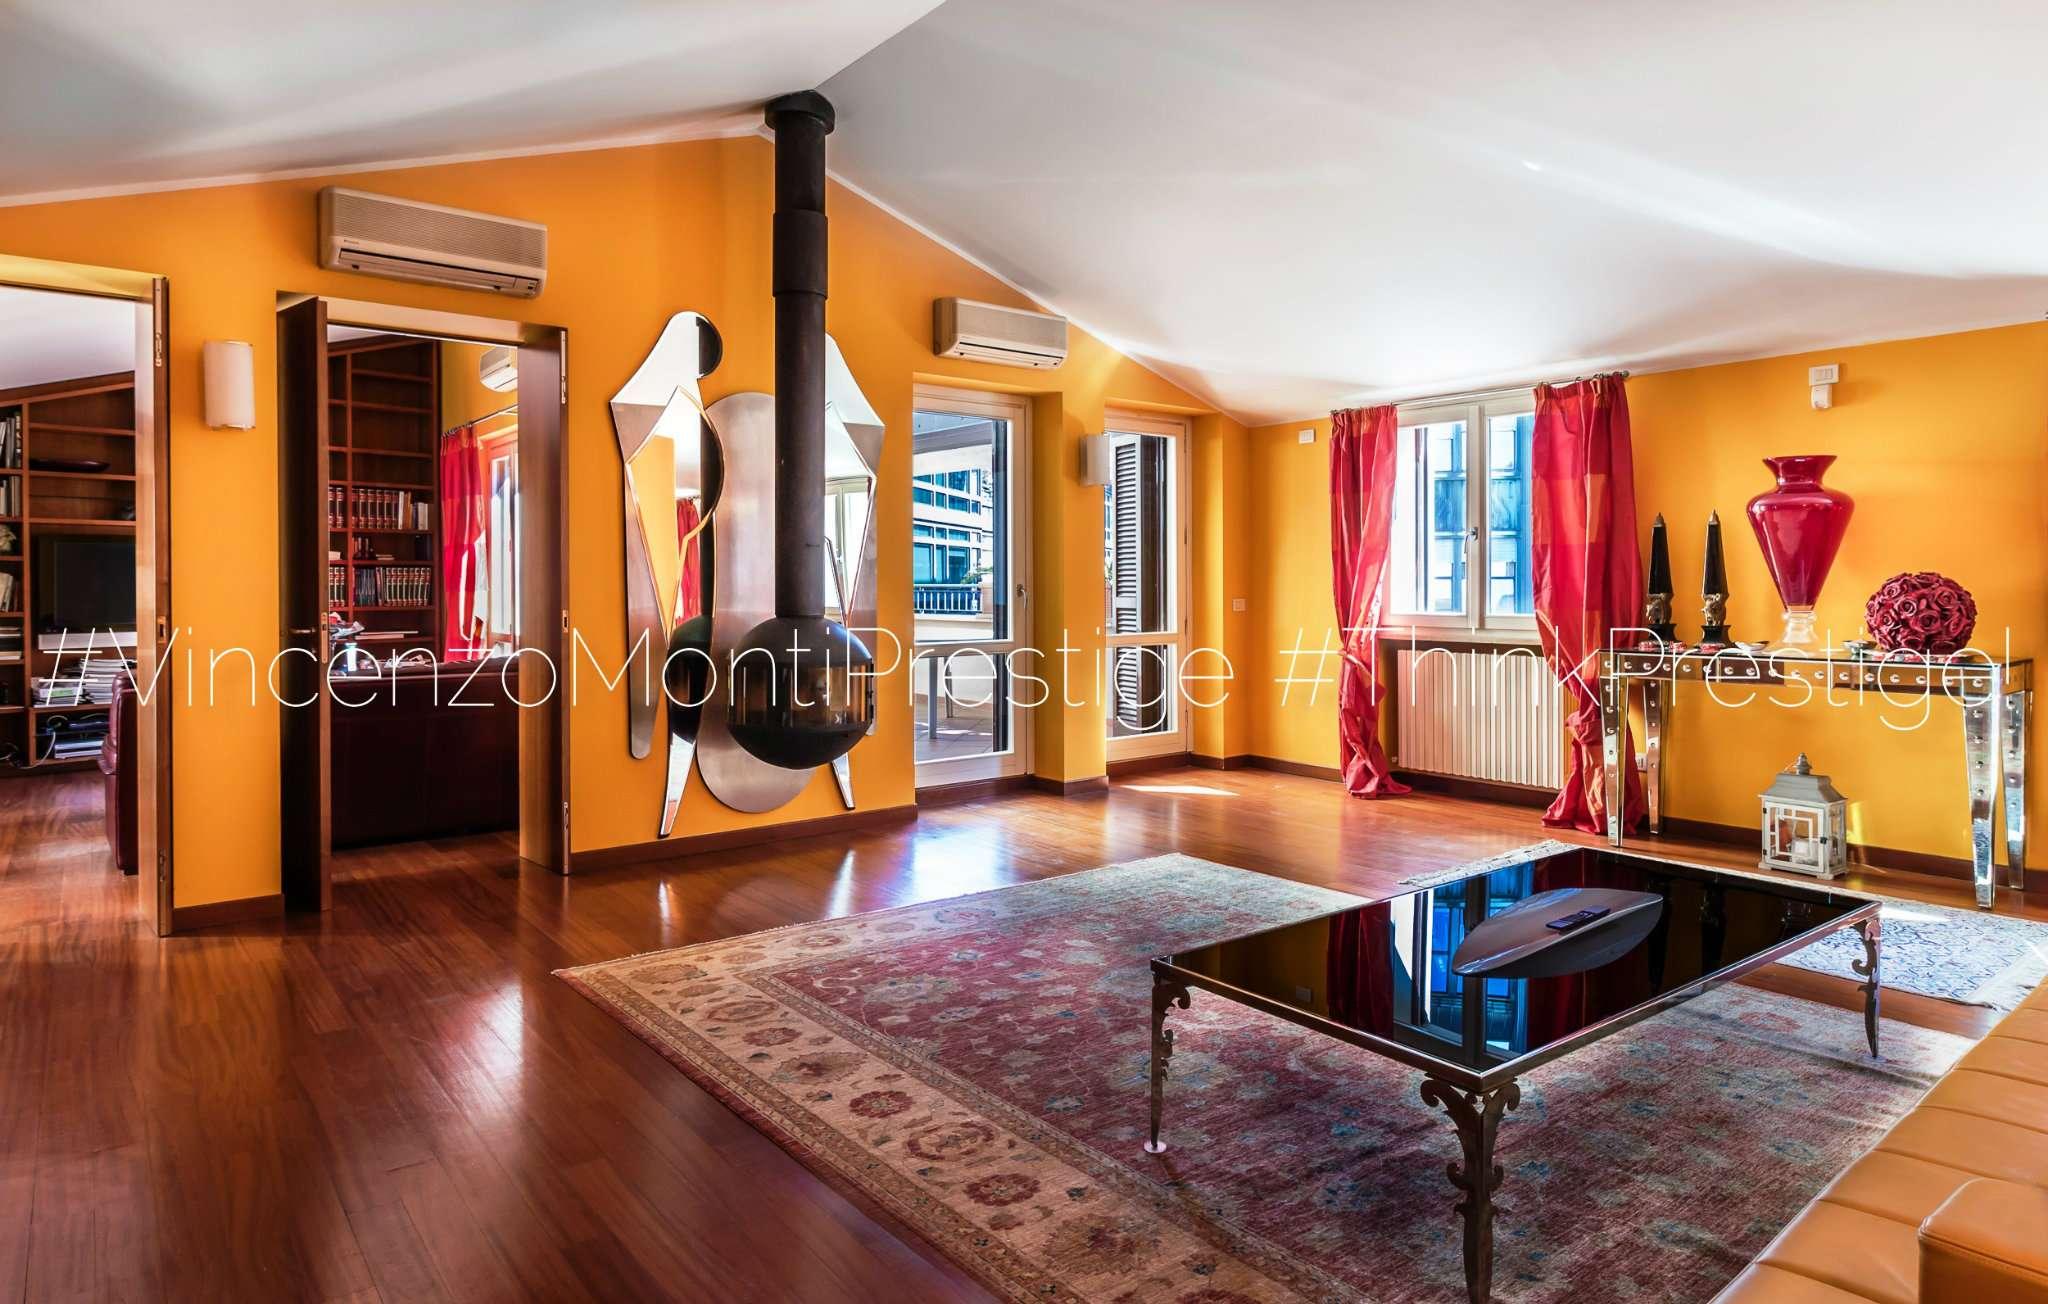 Appartamento in Vendita a Milano: 5 locali, 210 mq - Foto 5